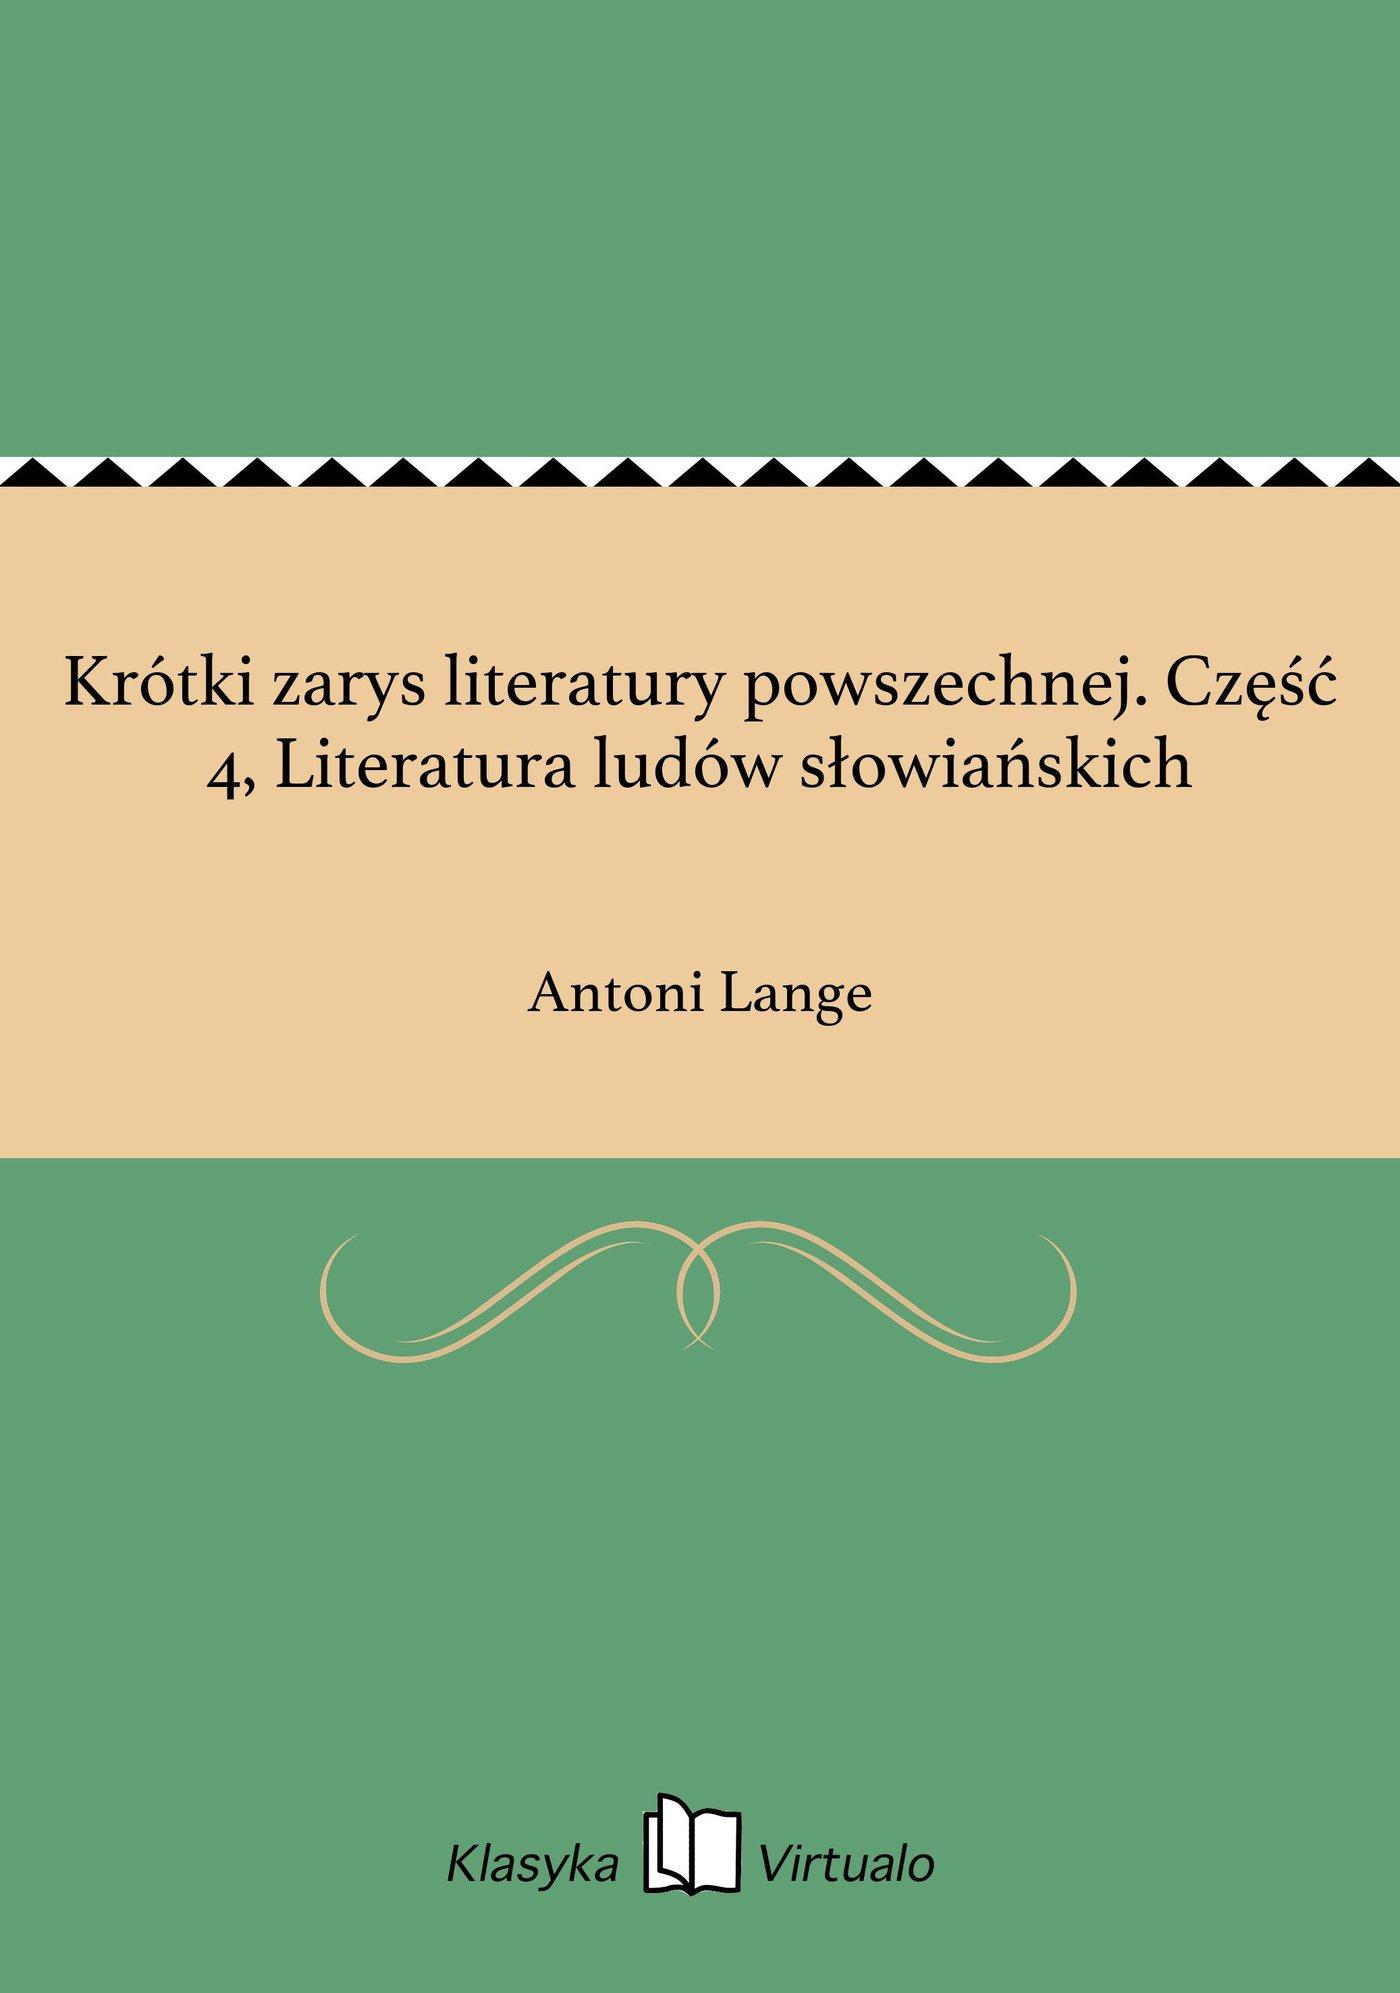 Krótki zarys literatury powszechnej. Część 4, Literatura ludów słowiańskich - Ebook (Książka na Kindle) do pobrania w formacie MOBI